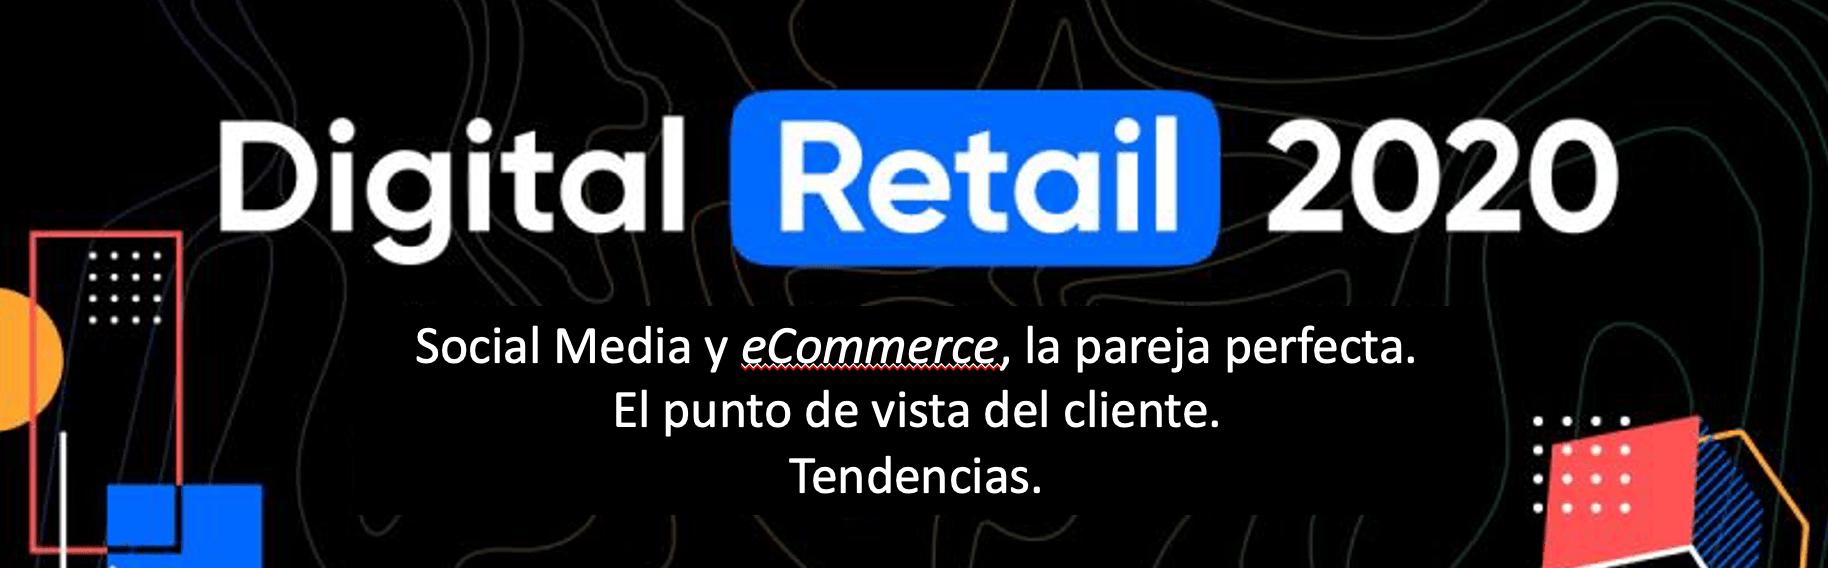 Social Media y eCommerce: la pareja perfecta. El punto de vista del cliente. Tendencias #socialmedia #ecommerce